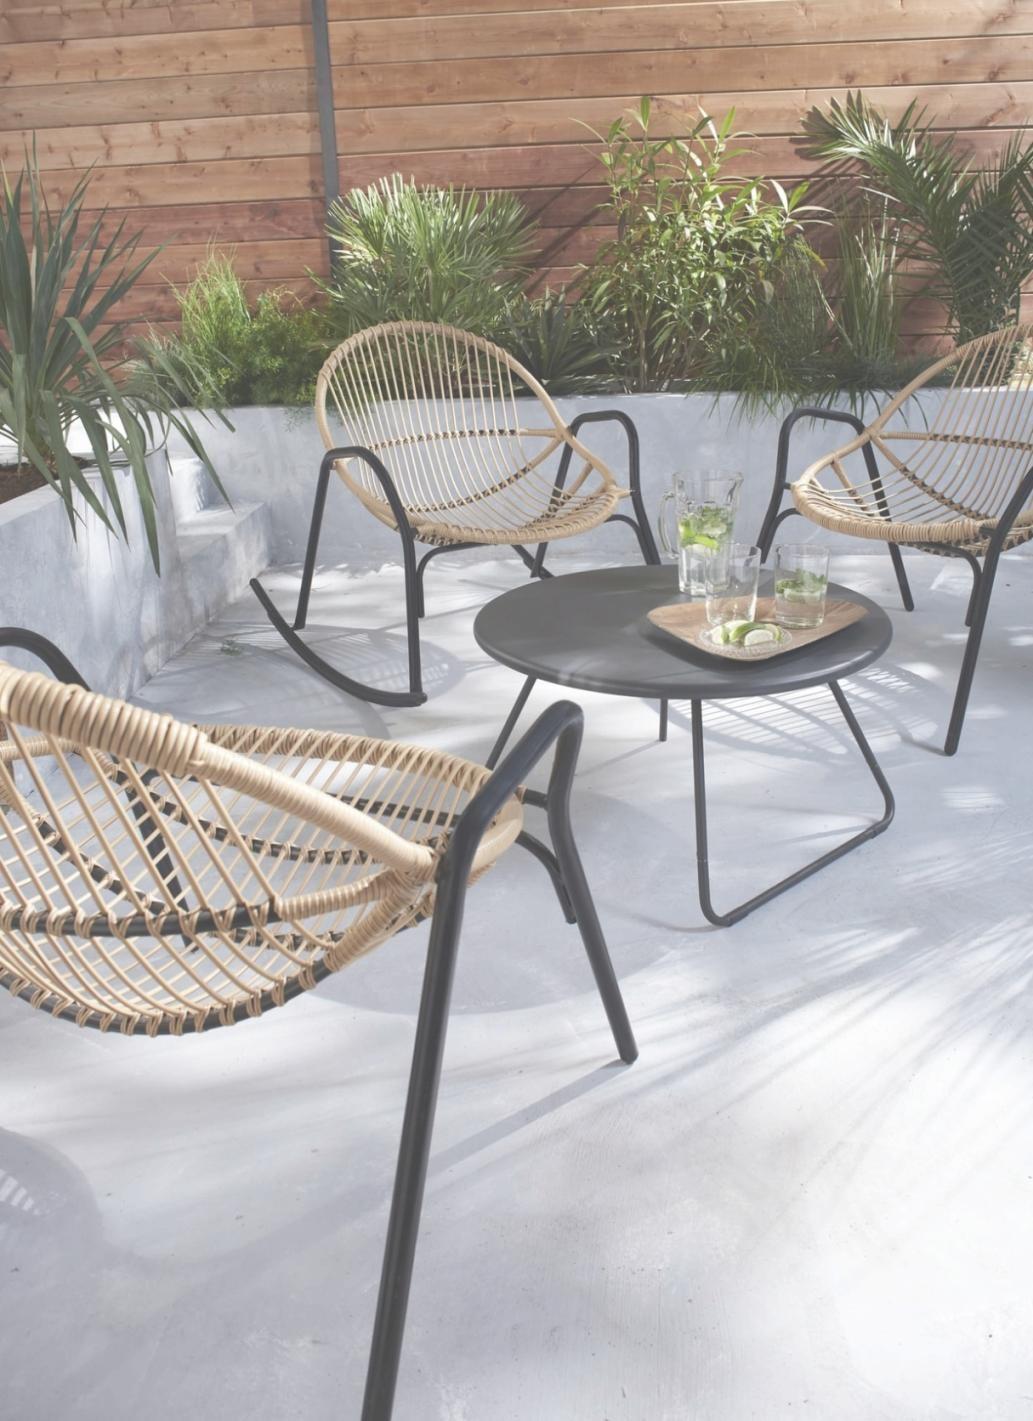 Salon de jardin aluminium castorama - Jardin piscine et Cabane